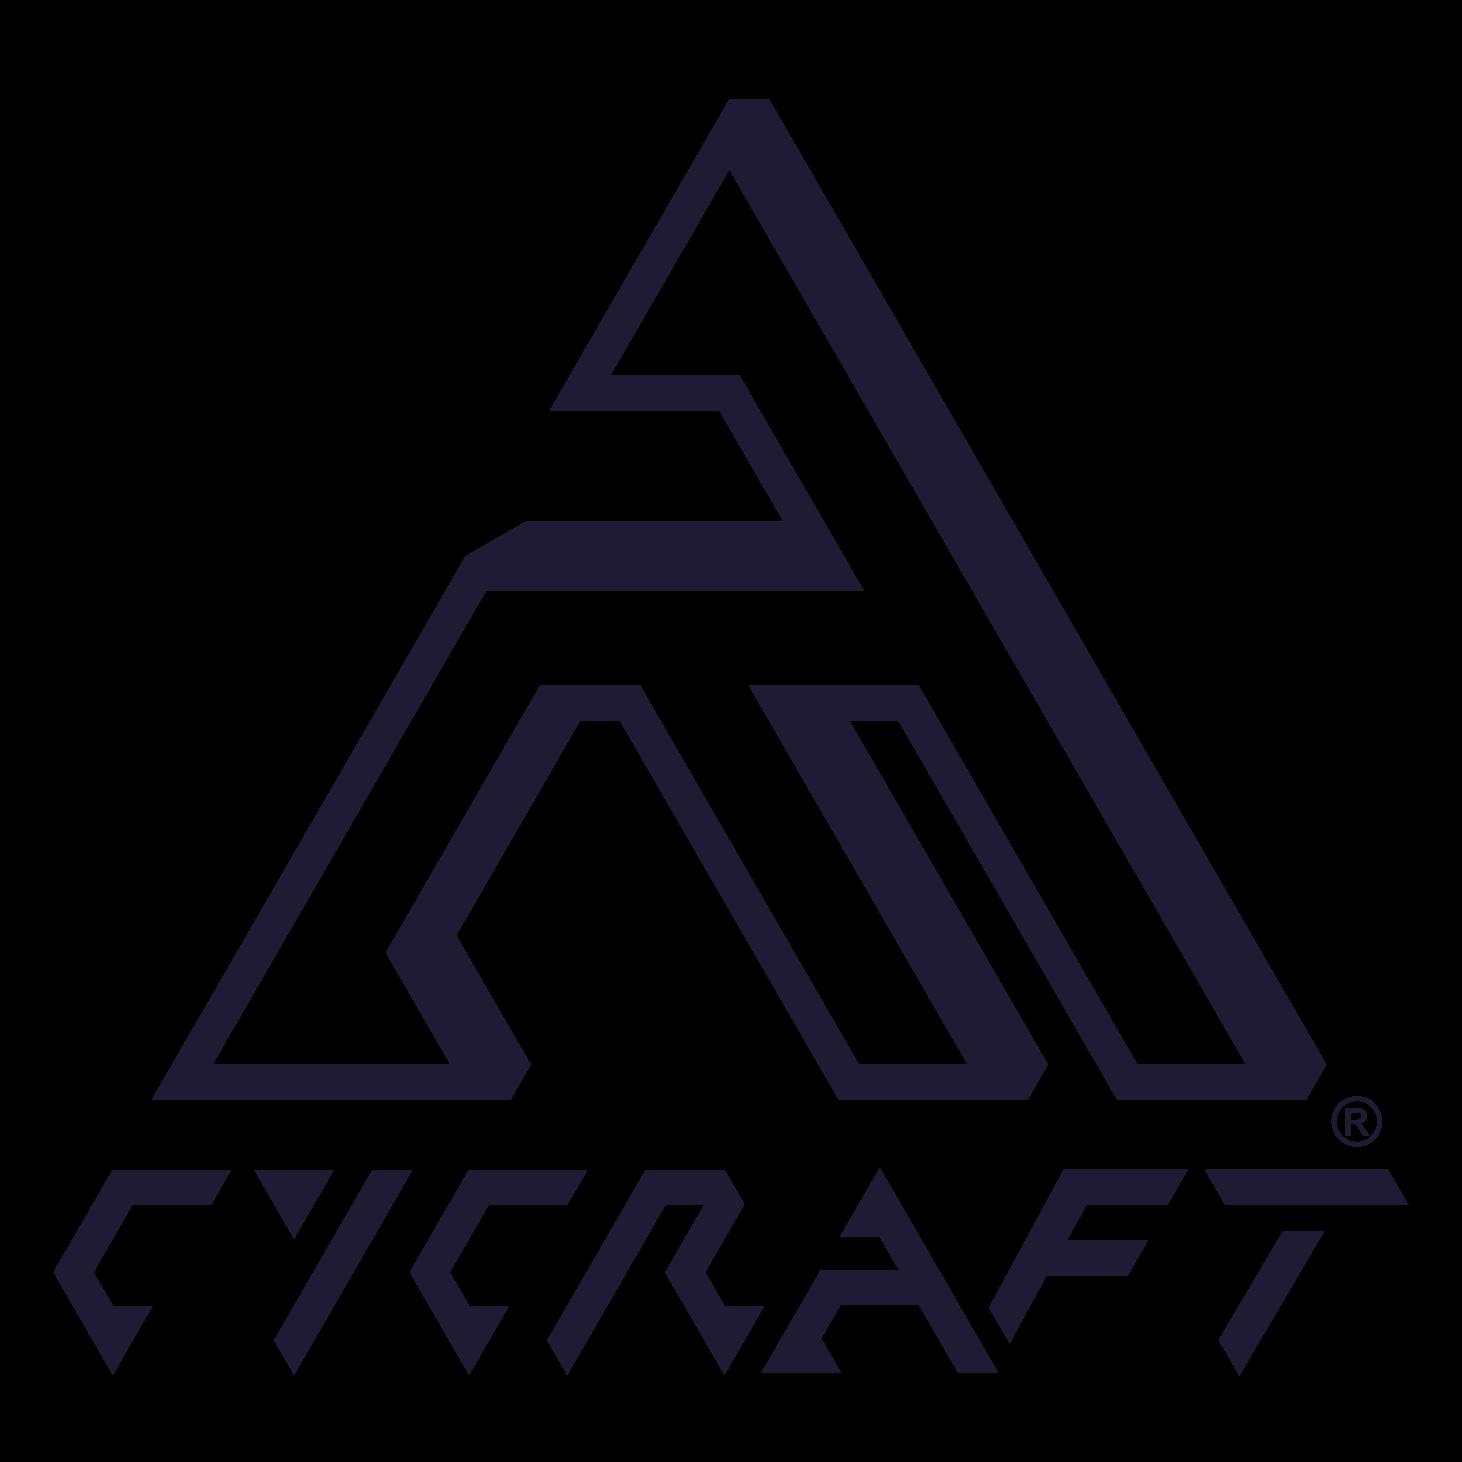 CyCraft_Logo